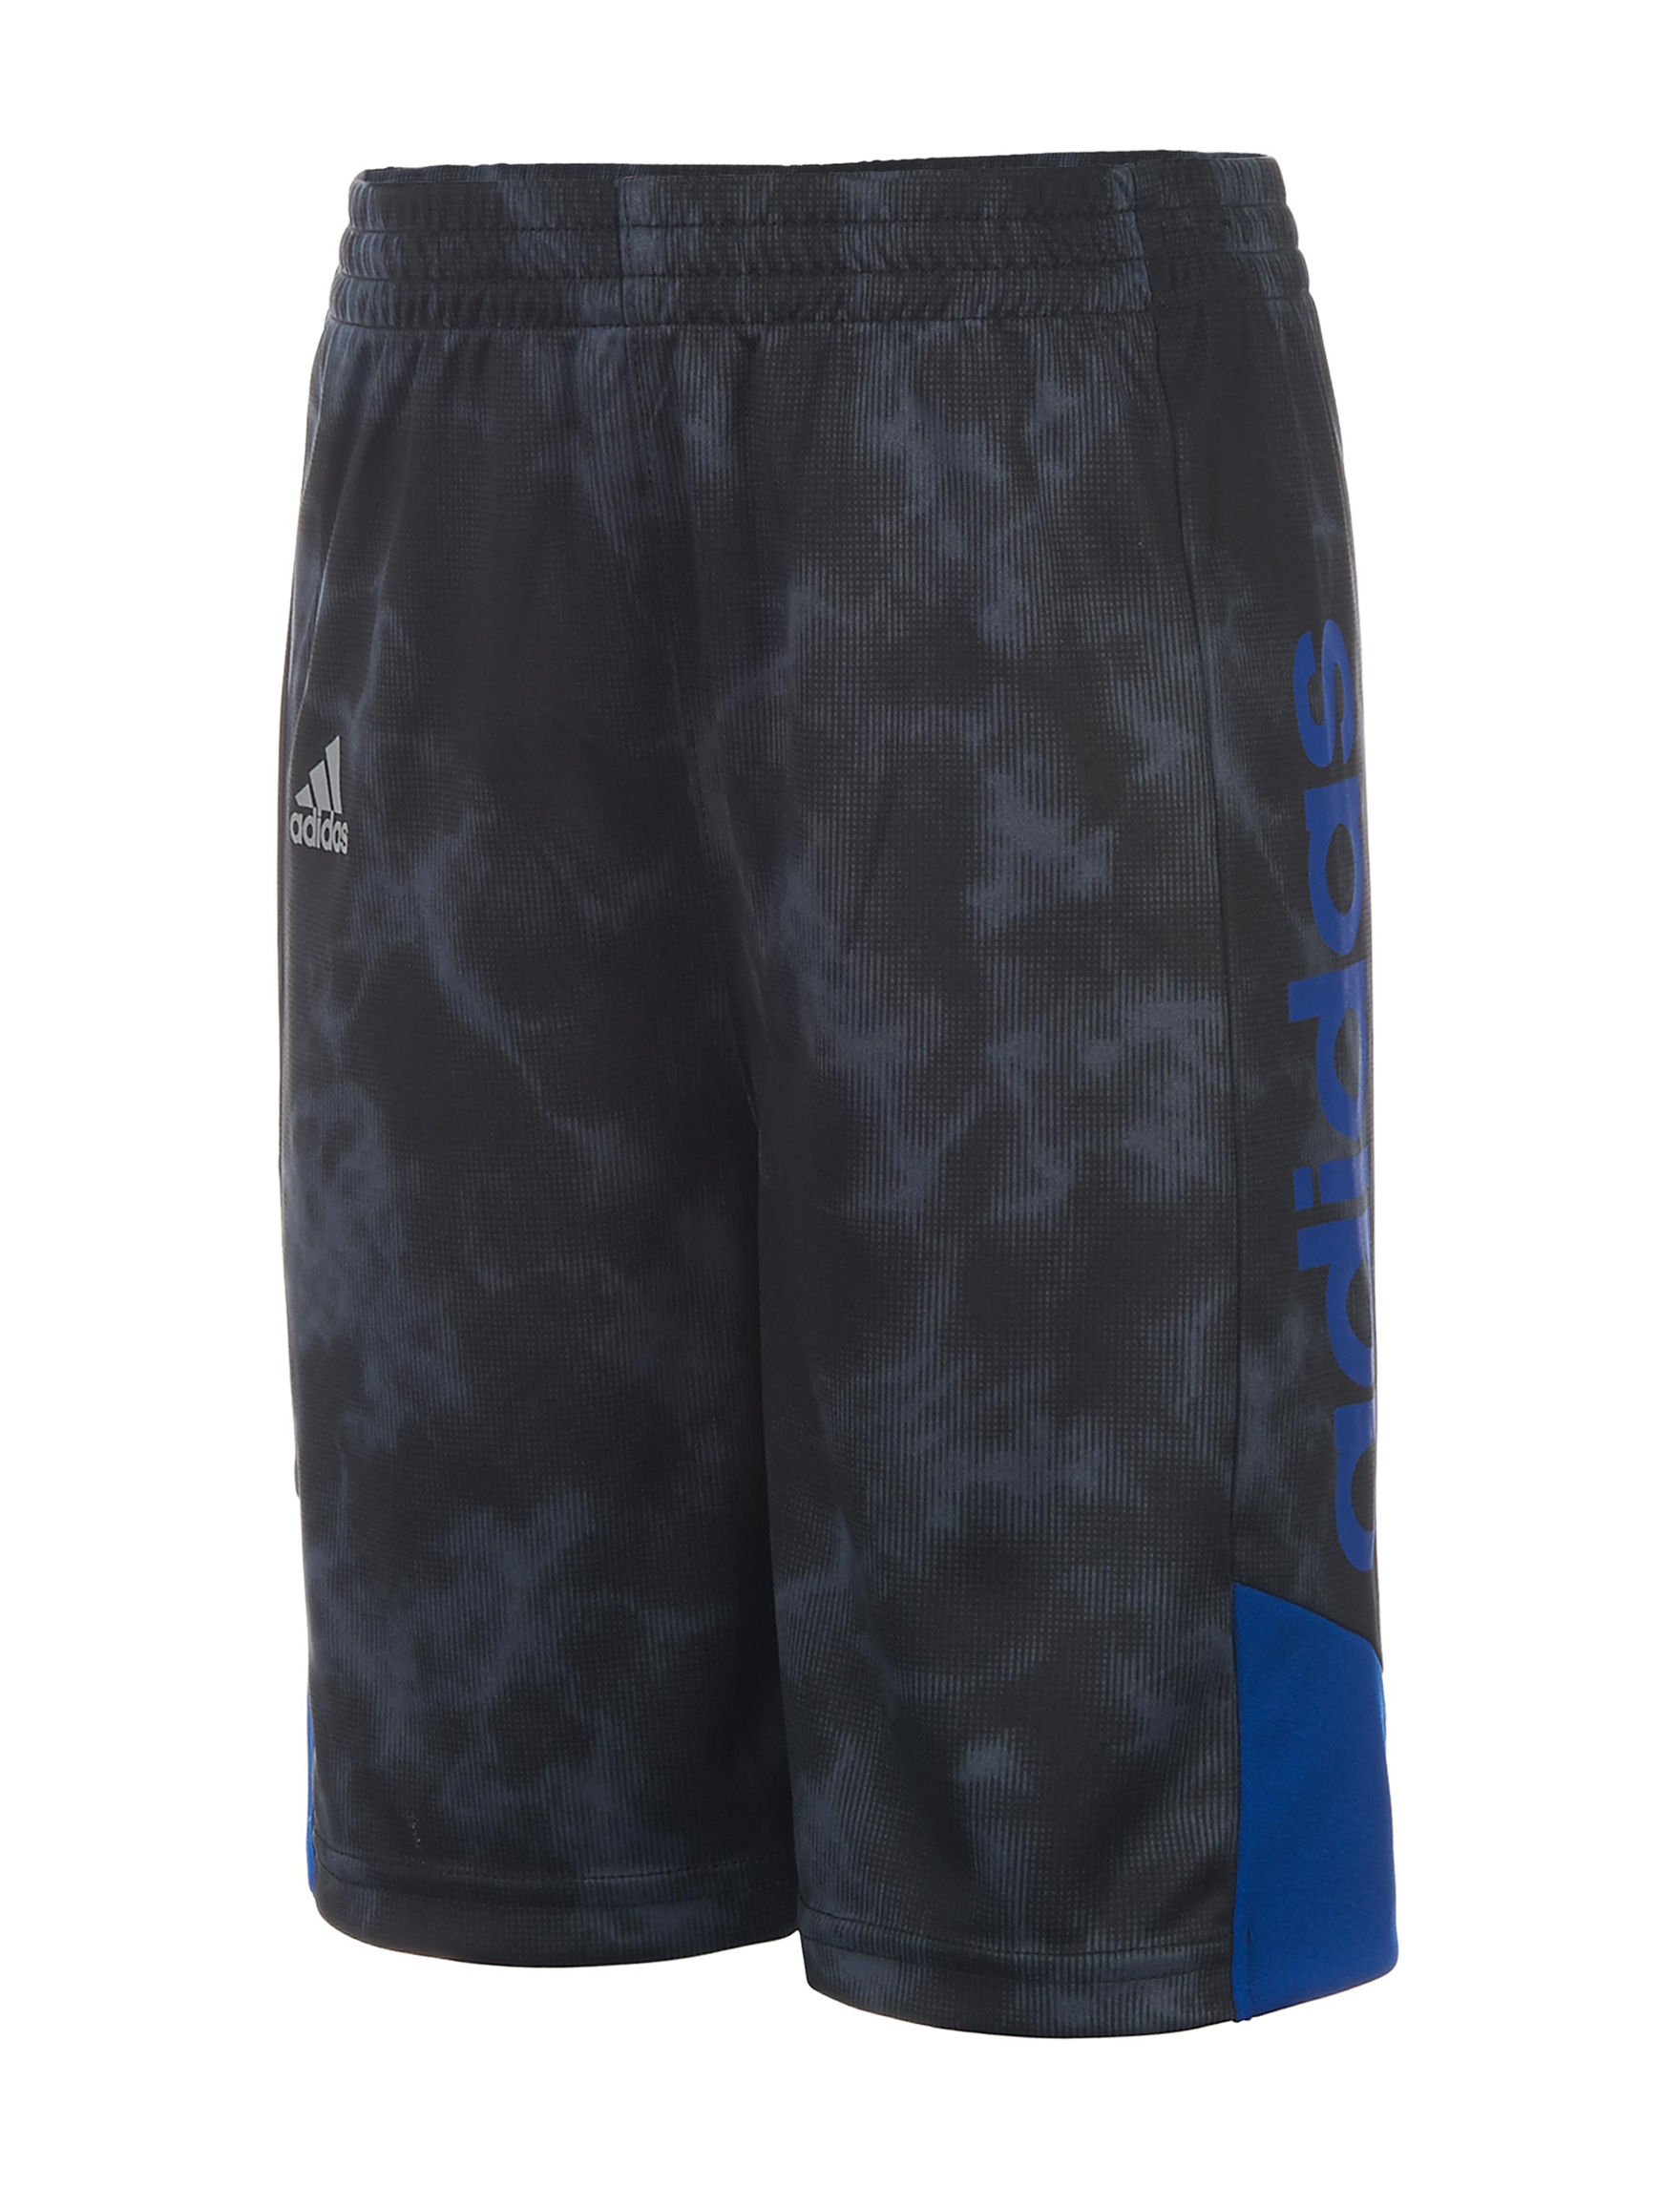 Adidas Black / Blue Stretch